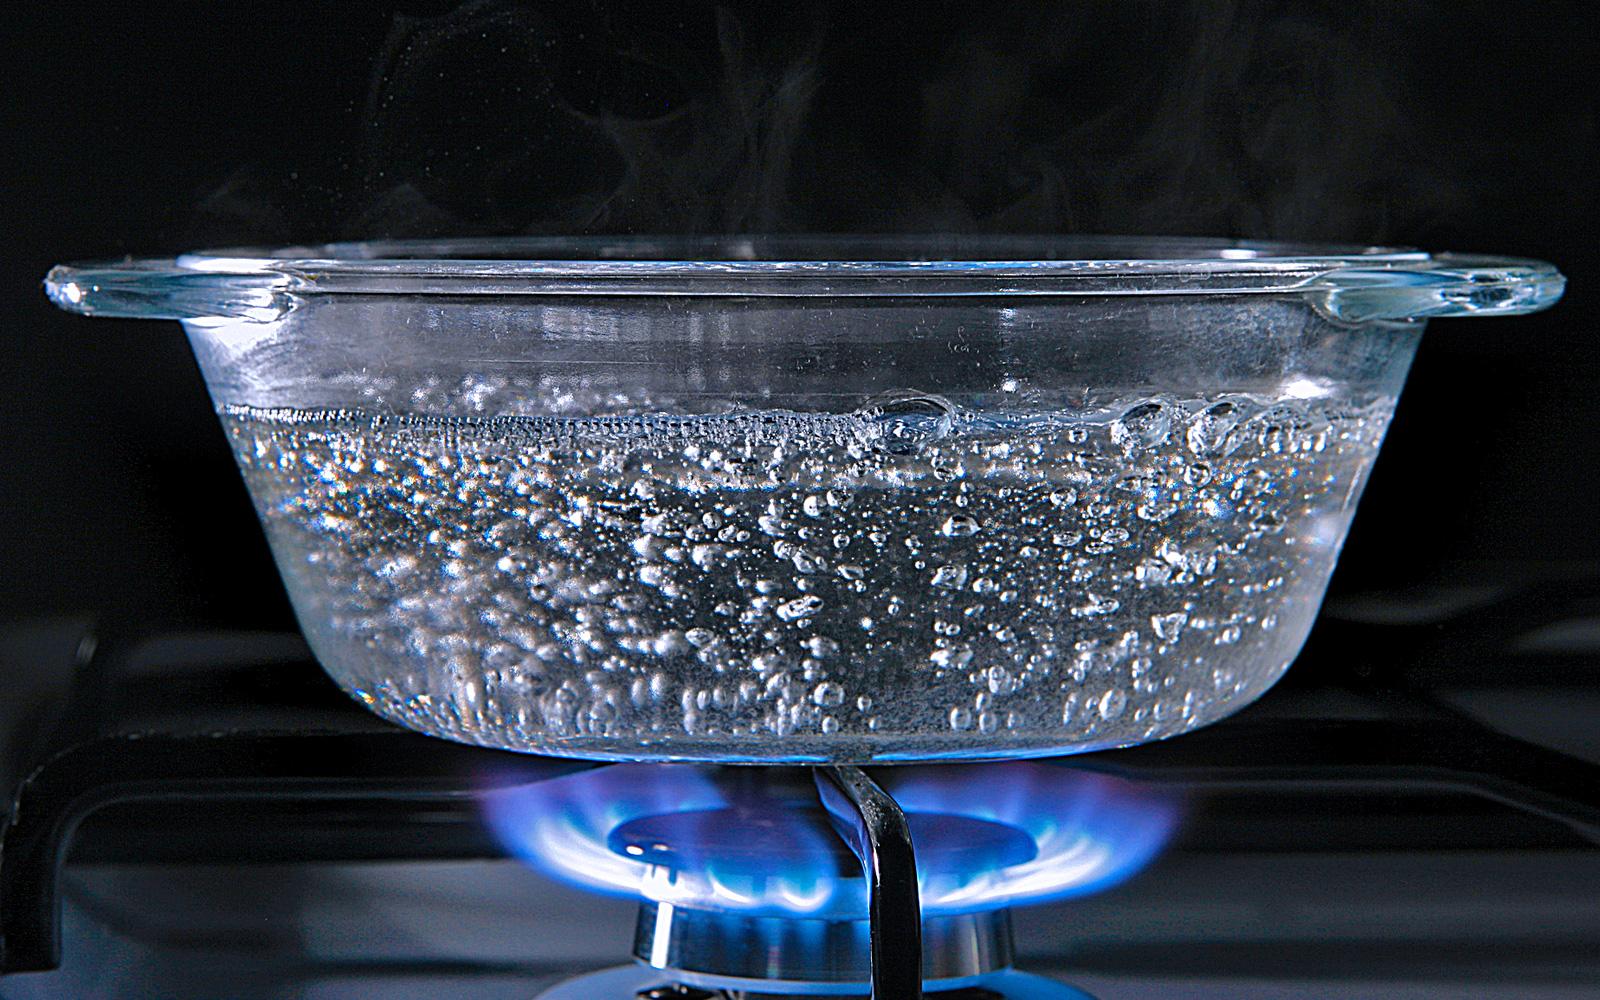 Можно ли смешивать и пить кипяченую воду с некипяченой